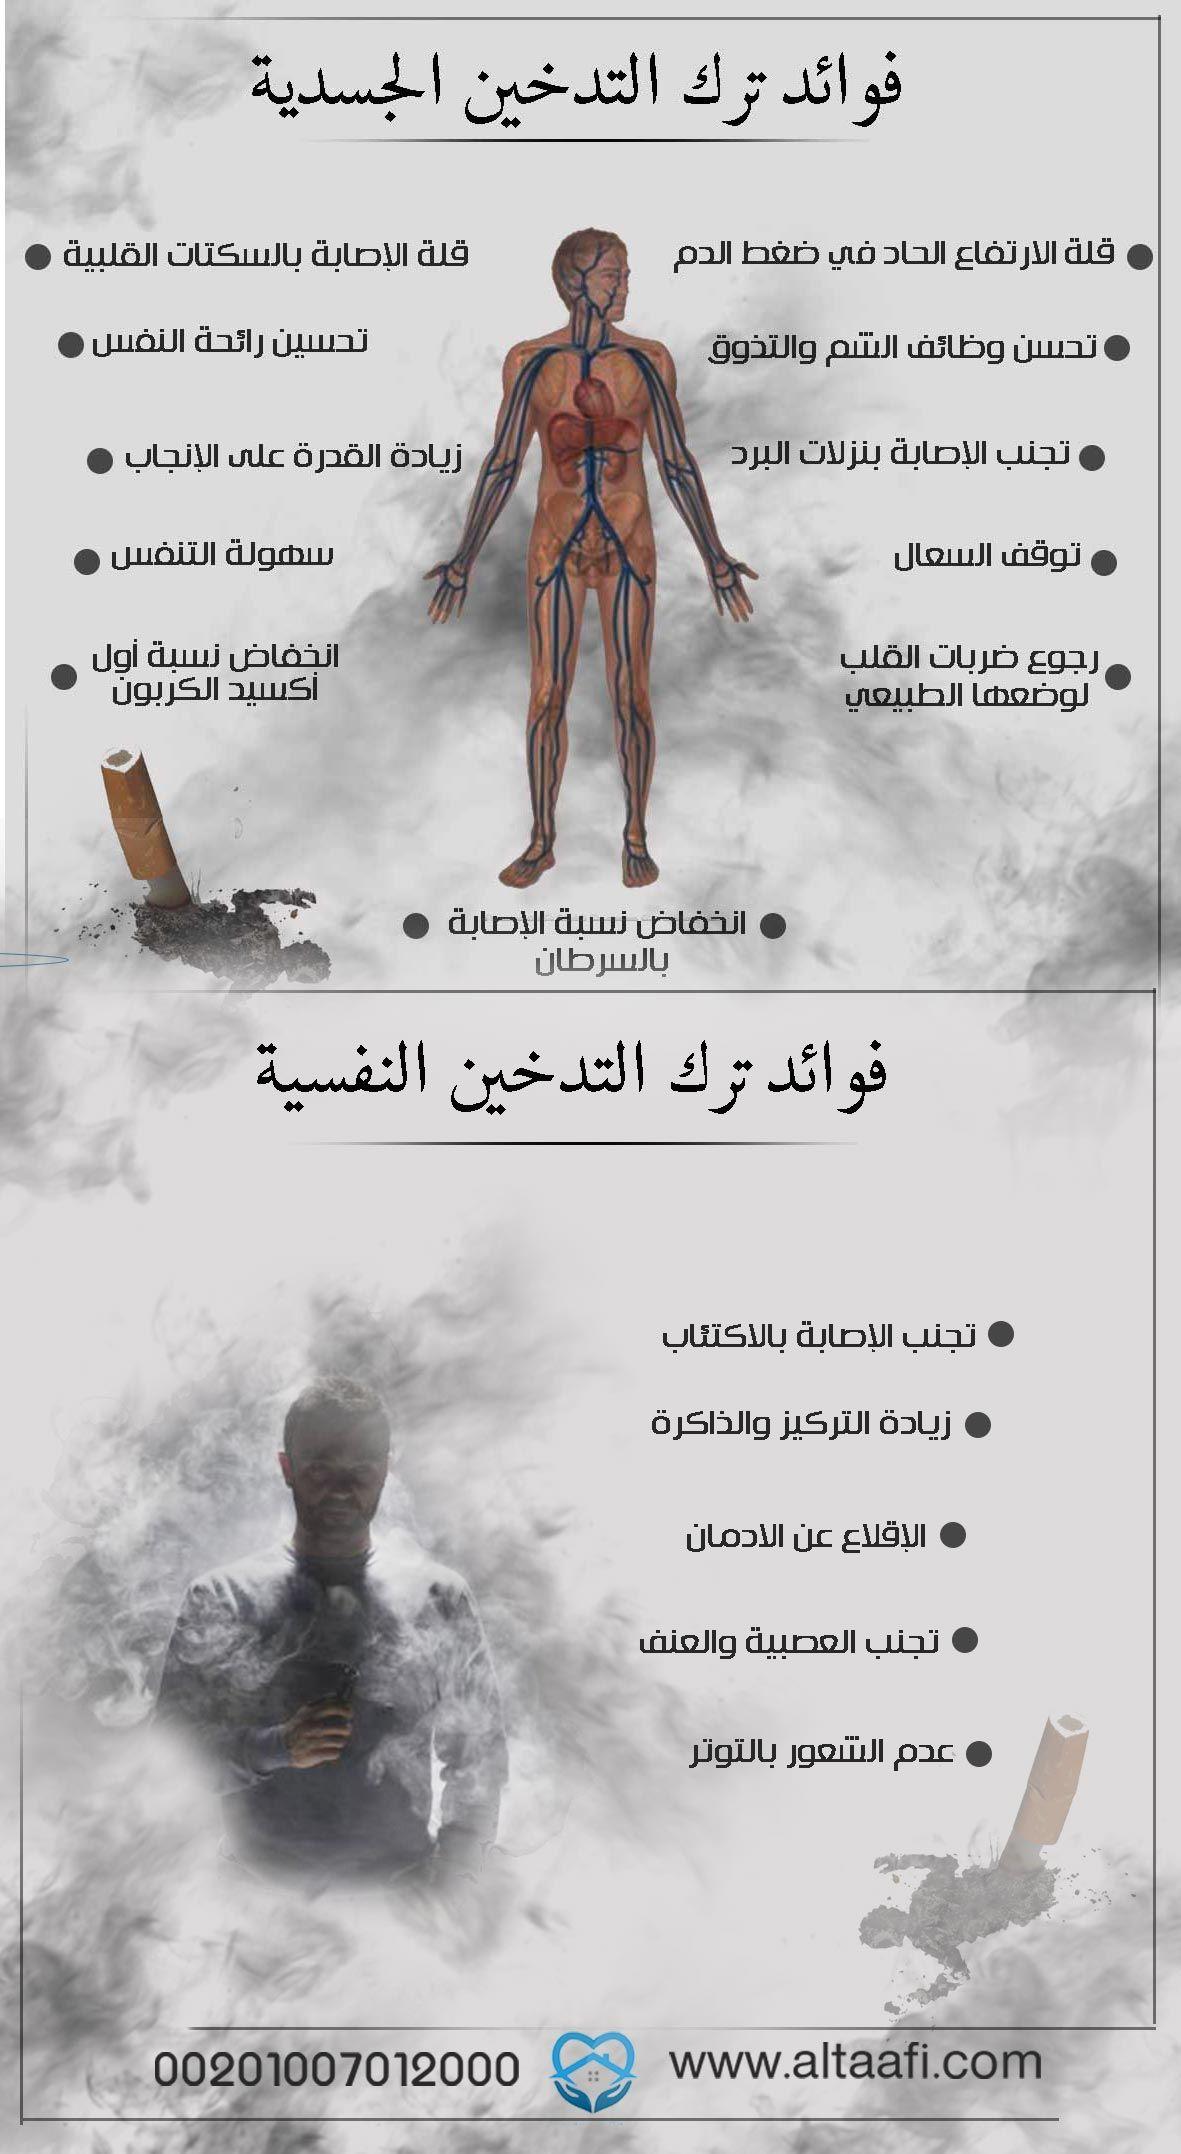 ما هي فوائد ترك التدخين النفسية وفوائد ترك التدخين الجسدية Movie Posters Movies Poster